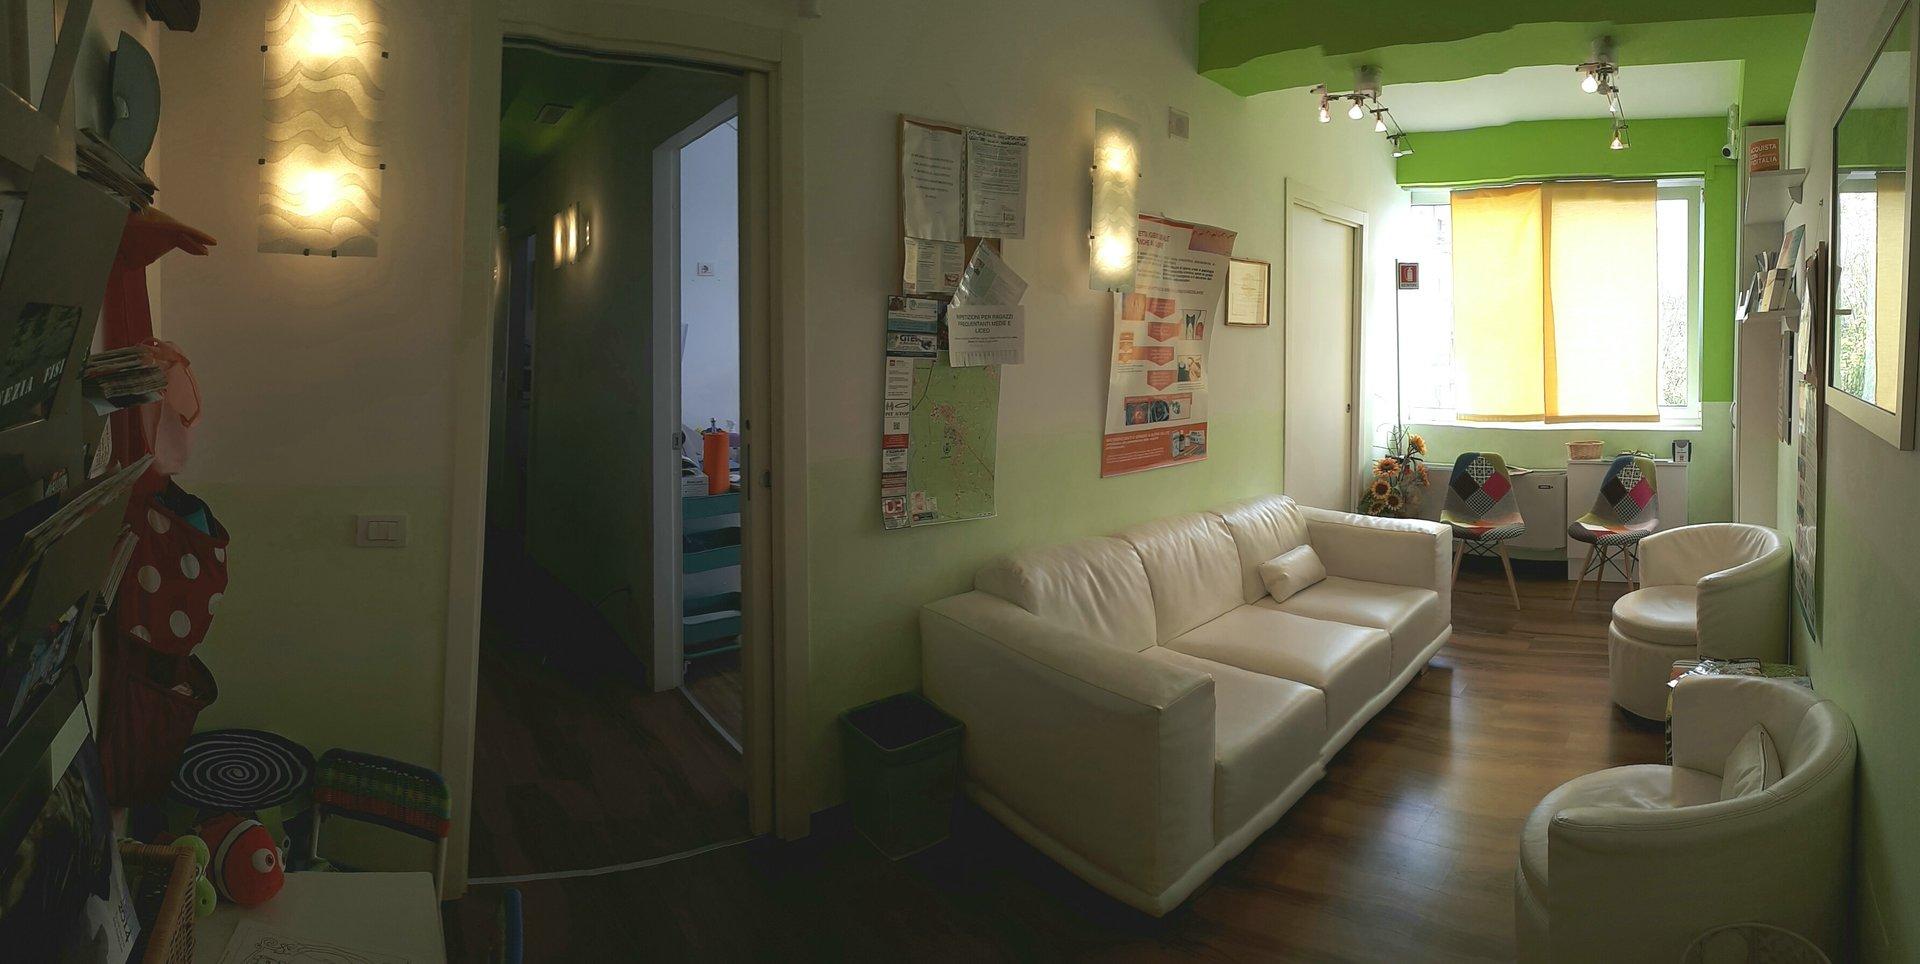 Sala d'attesa con divano e poltrone